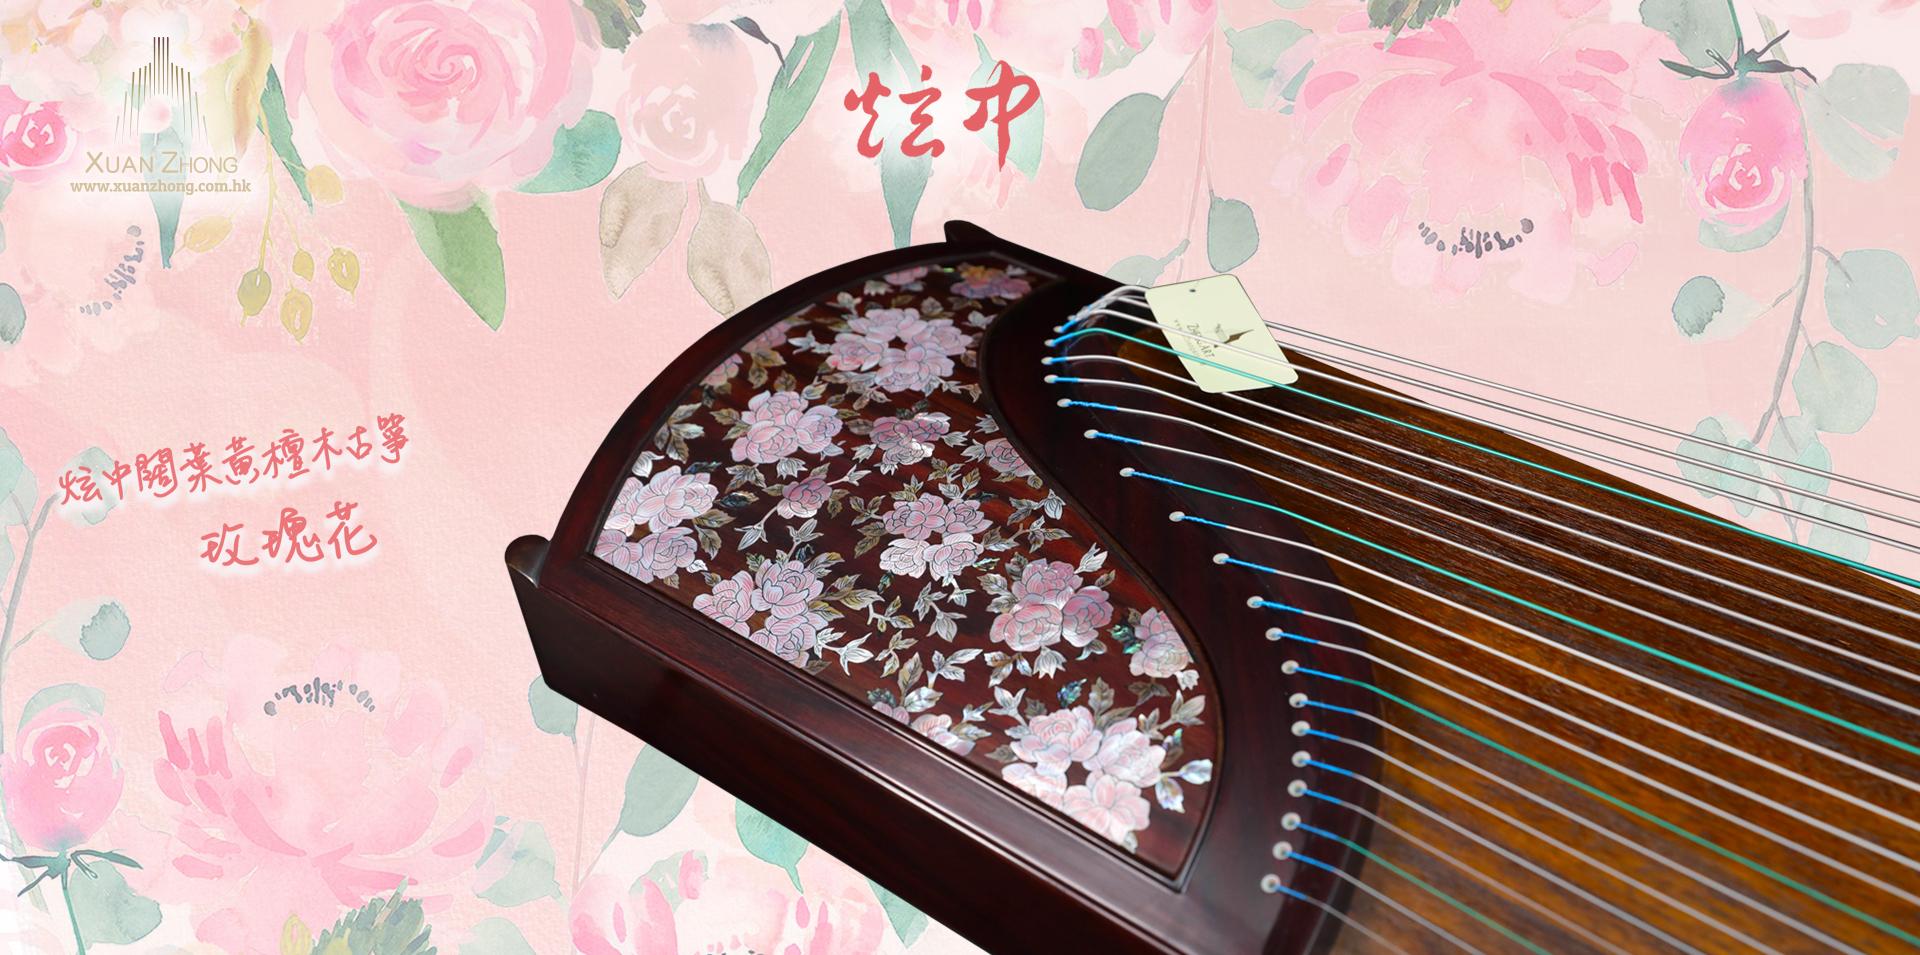 炫中 闊葉黃檀木古箏「玫瑰花」